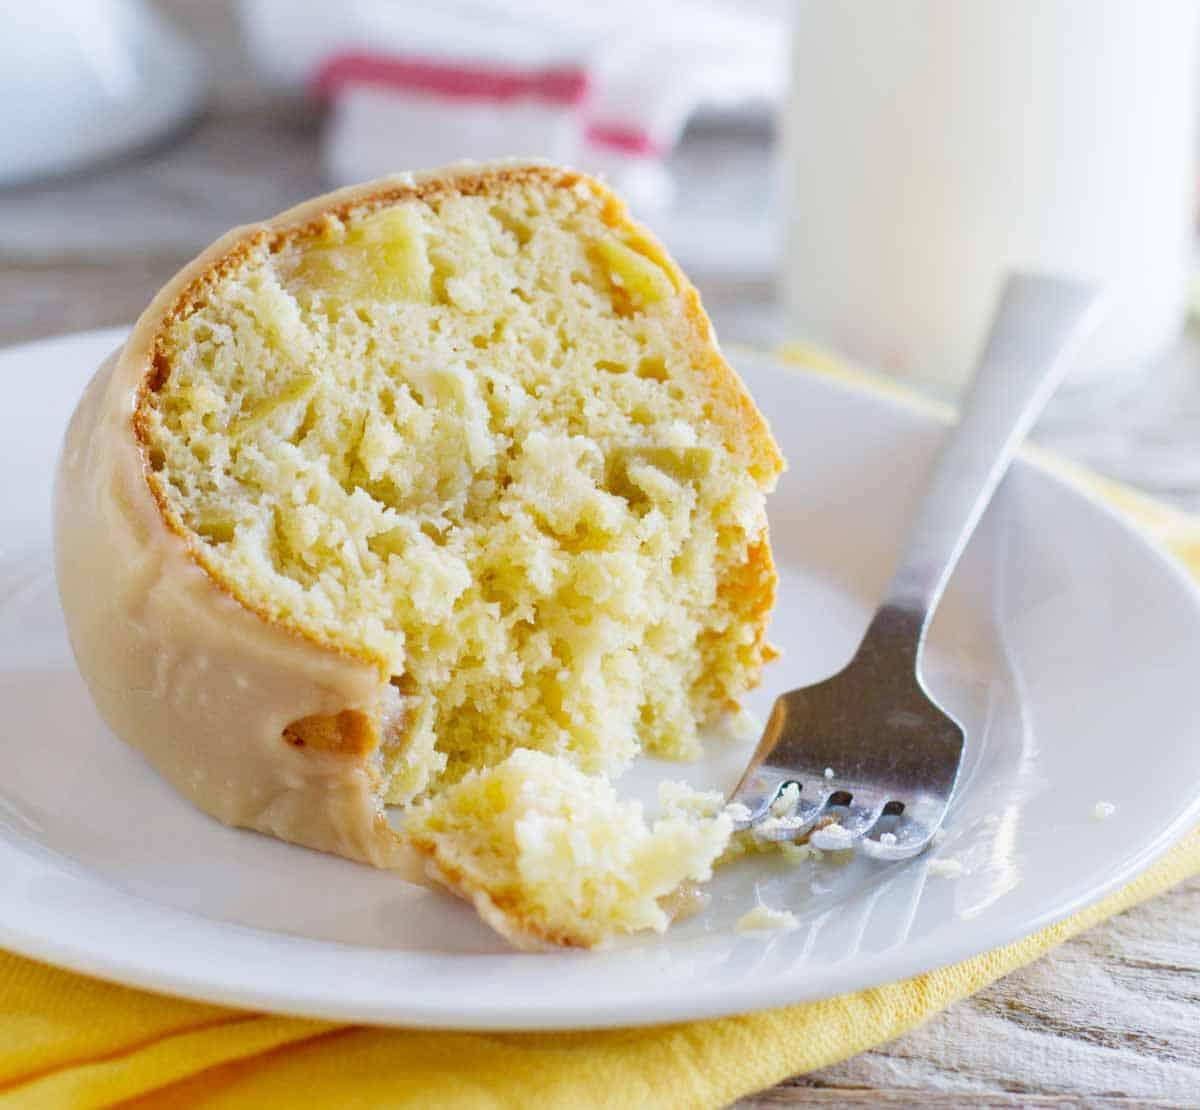 slice of apple bundt cake with a fork